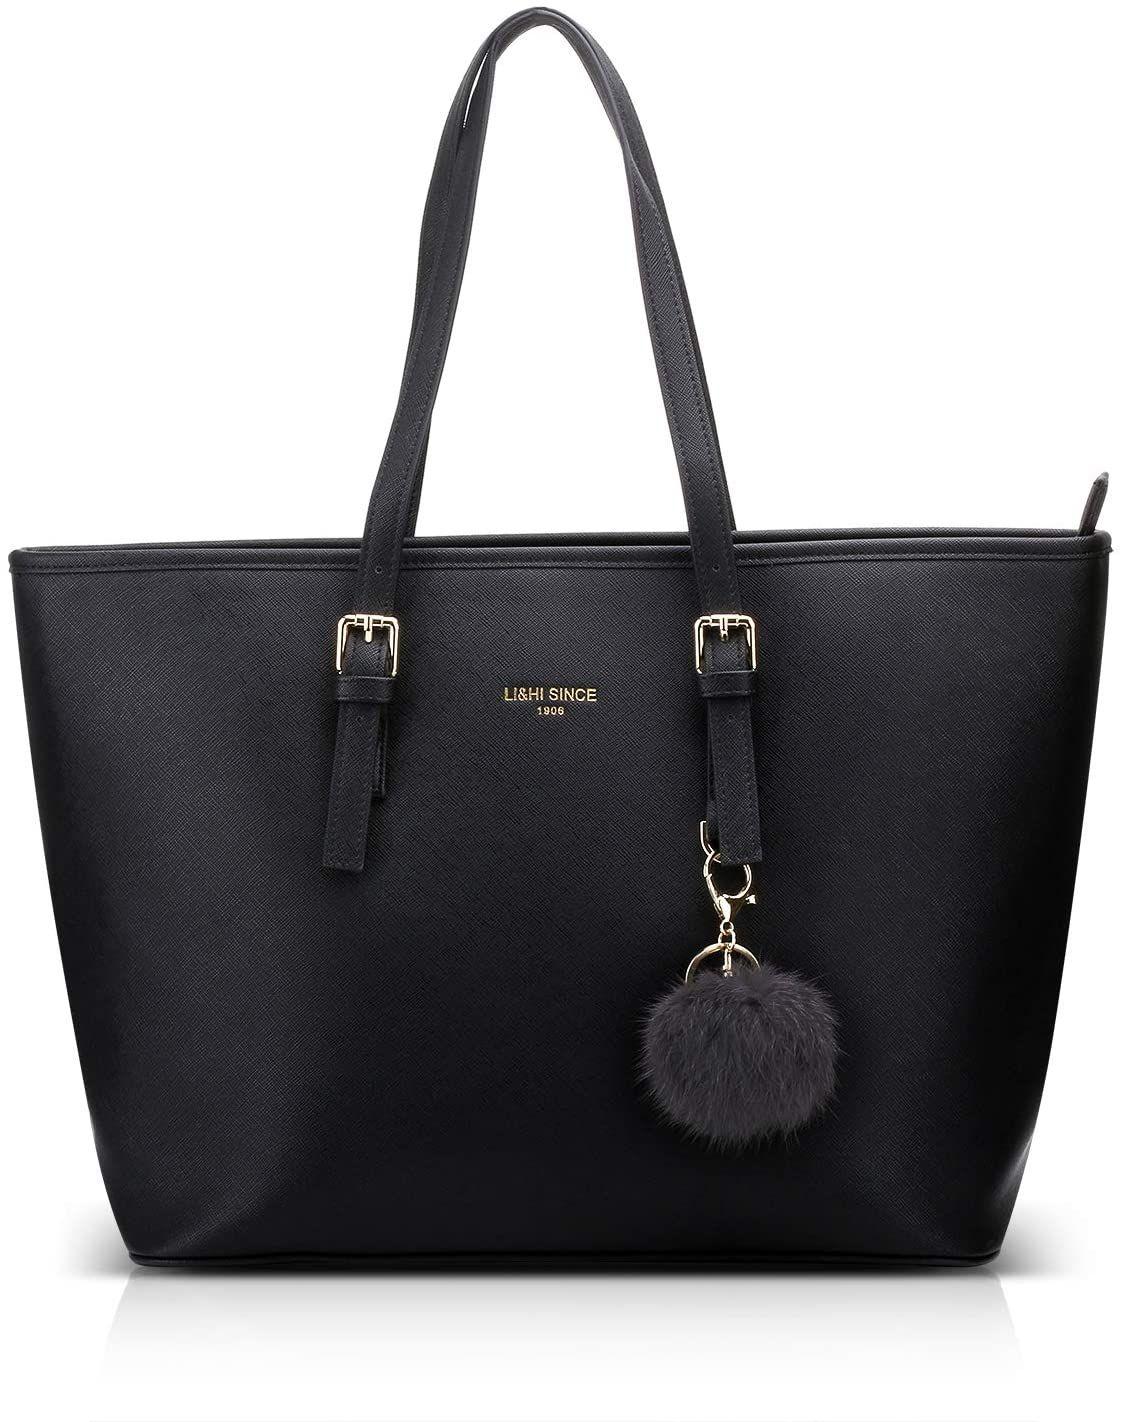 Li Hi Damen Handtasche Shopper Handtasche Schwarz Elegant Schwarze Groß Damen Tasche Für Büro Schule Einkau Handtasche Schwarz Taschen Damen Handtasche Shopper